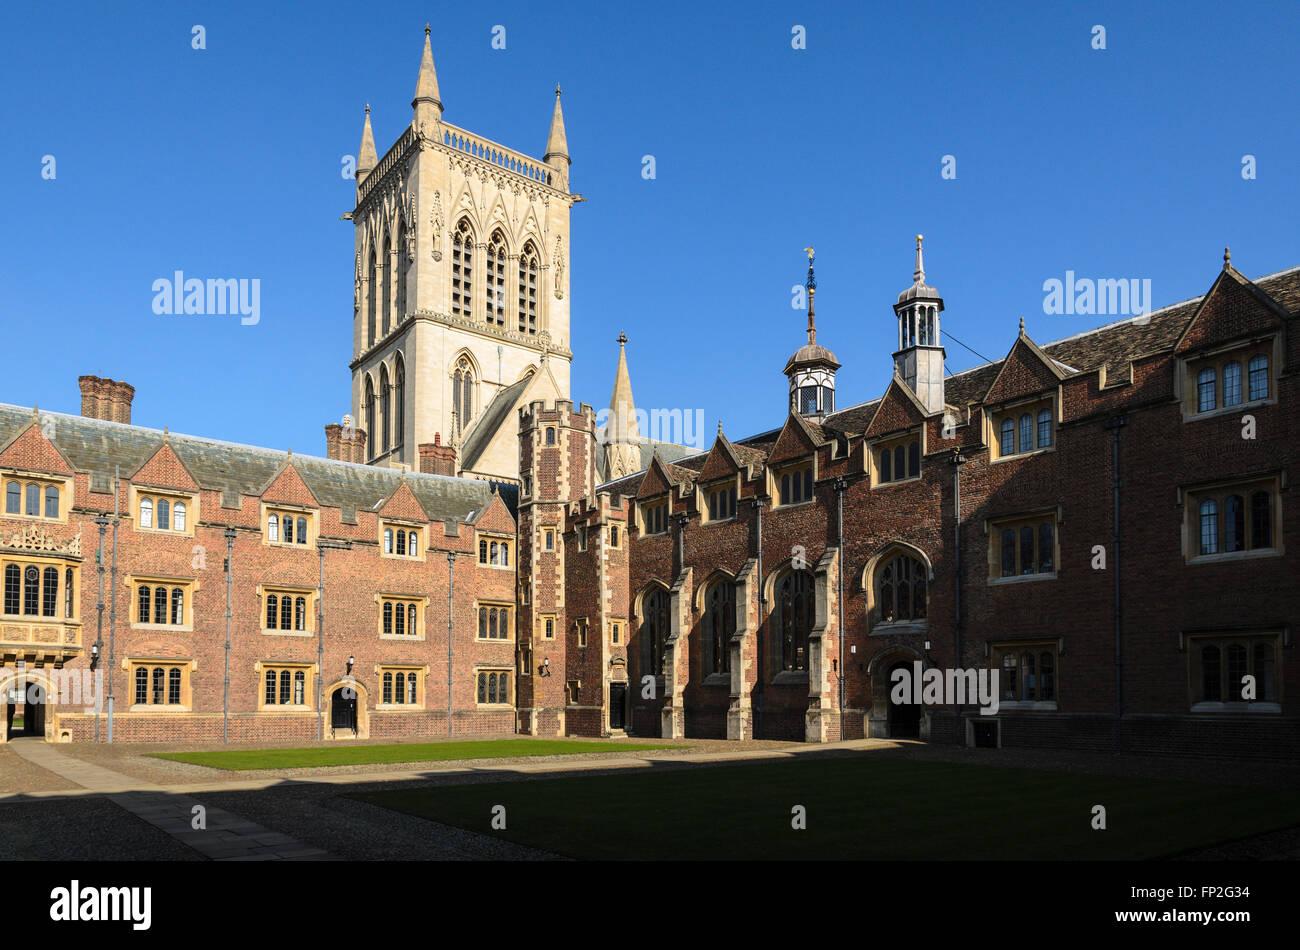 Un quad à St John's College, qui fait partie de l'Université de Cambridge, Angleterre, Royaume-Uni. Banque D'Images